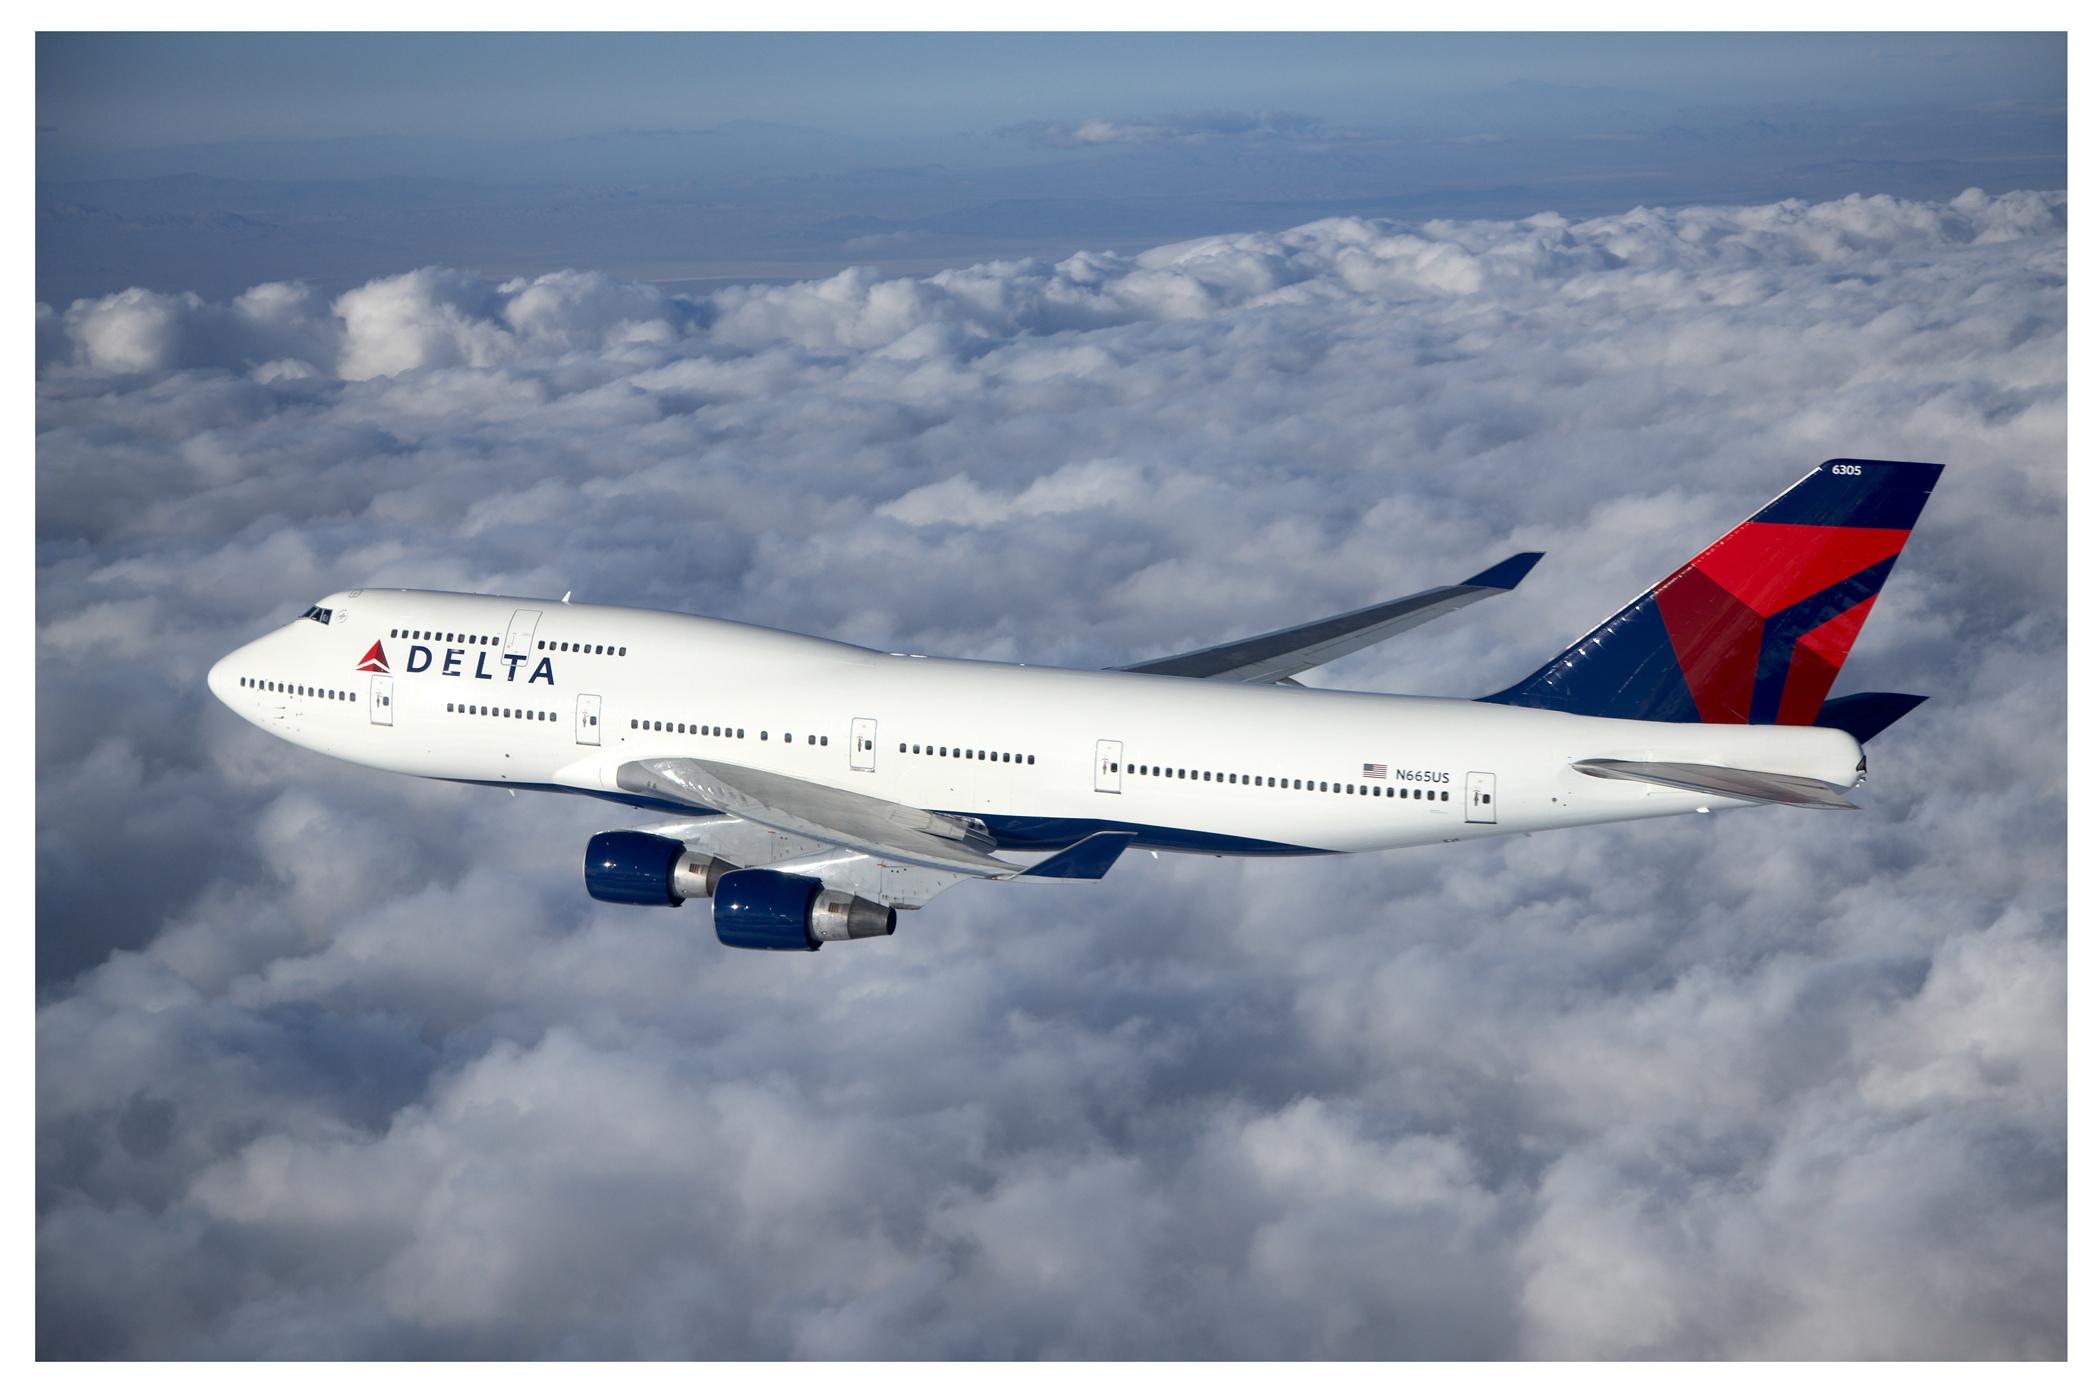 DELTA-ն ներկայացրել է IN-Flight Wi-Fi ծառայությունը